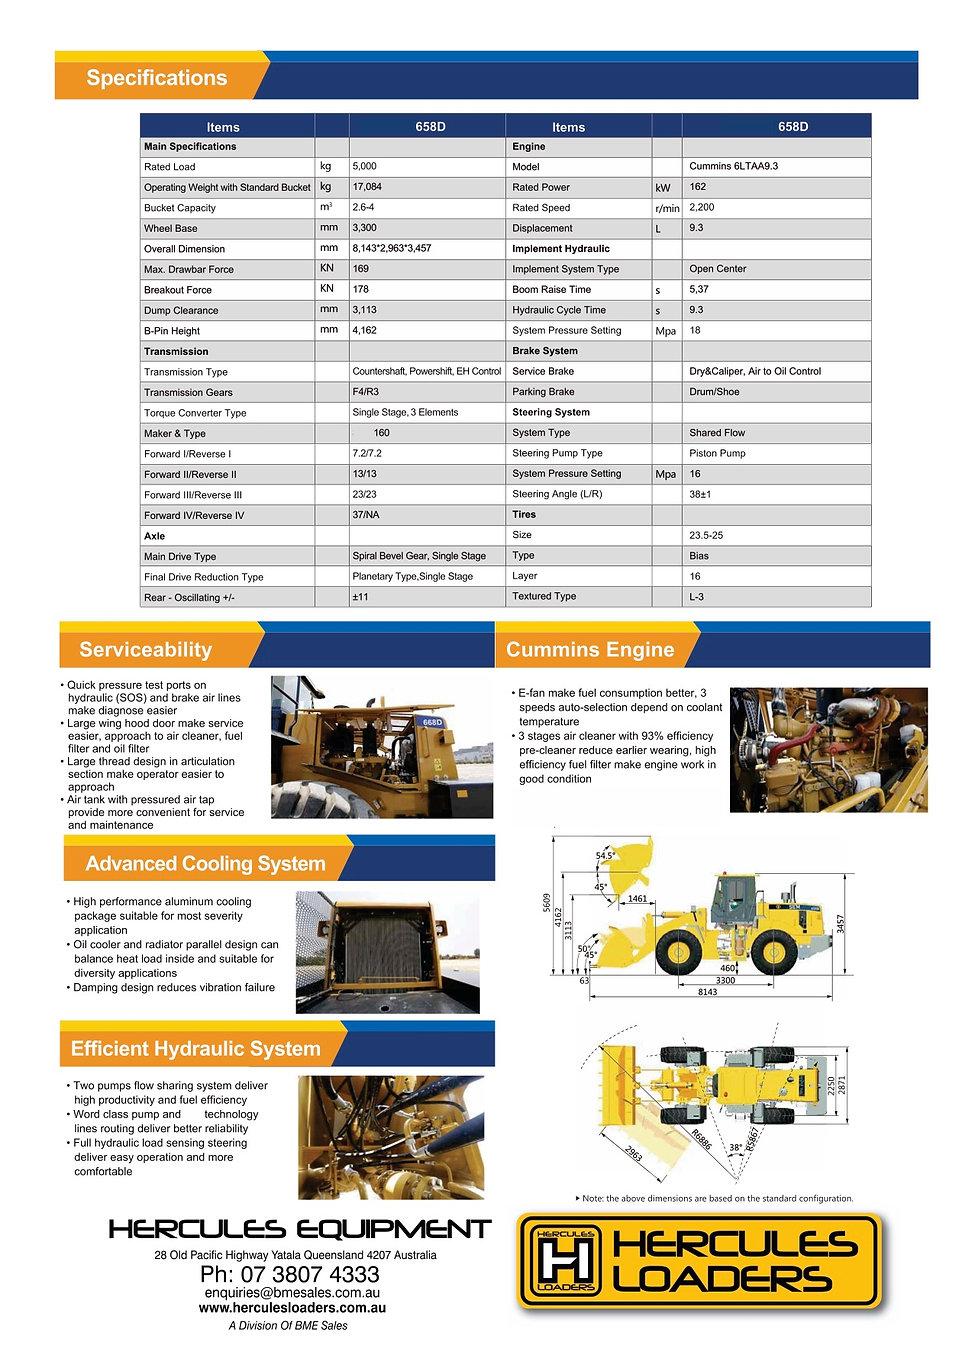 hercules 658d brochure page two.jpg